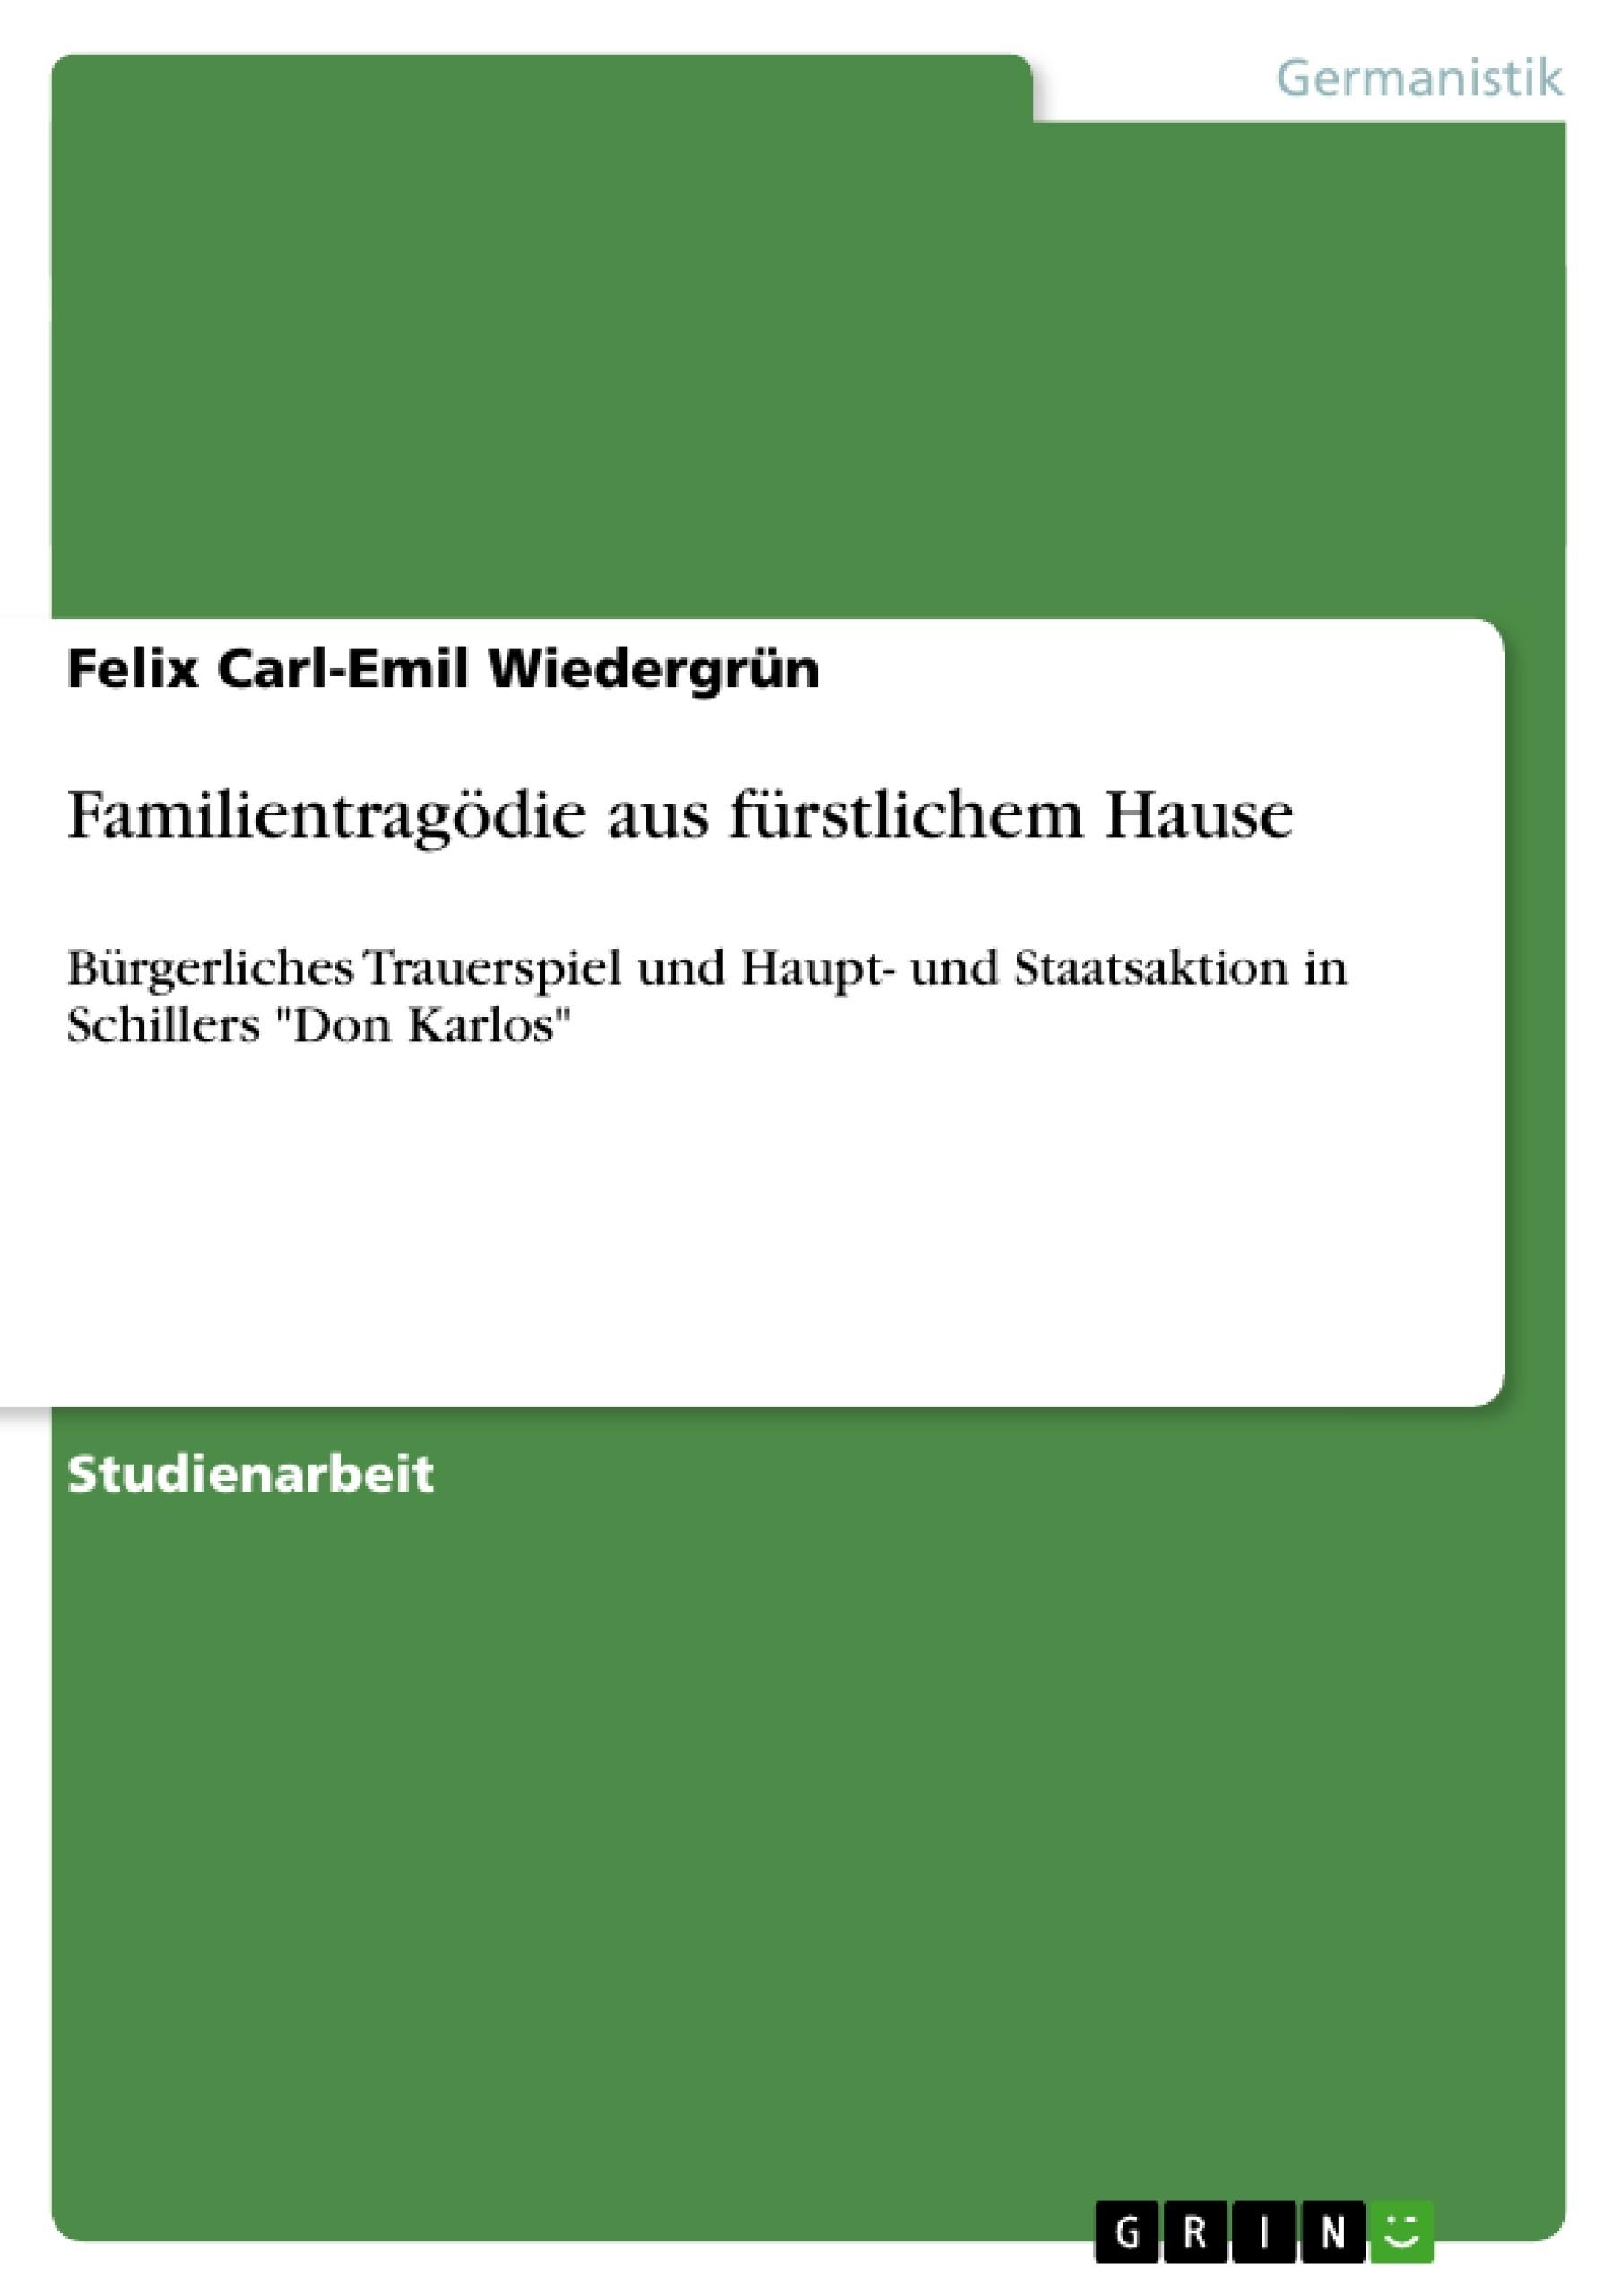 Titel: Familientragödie aus fürstlichem Hause